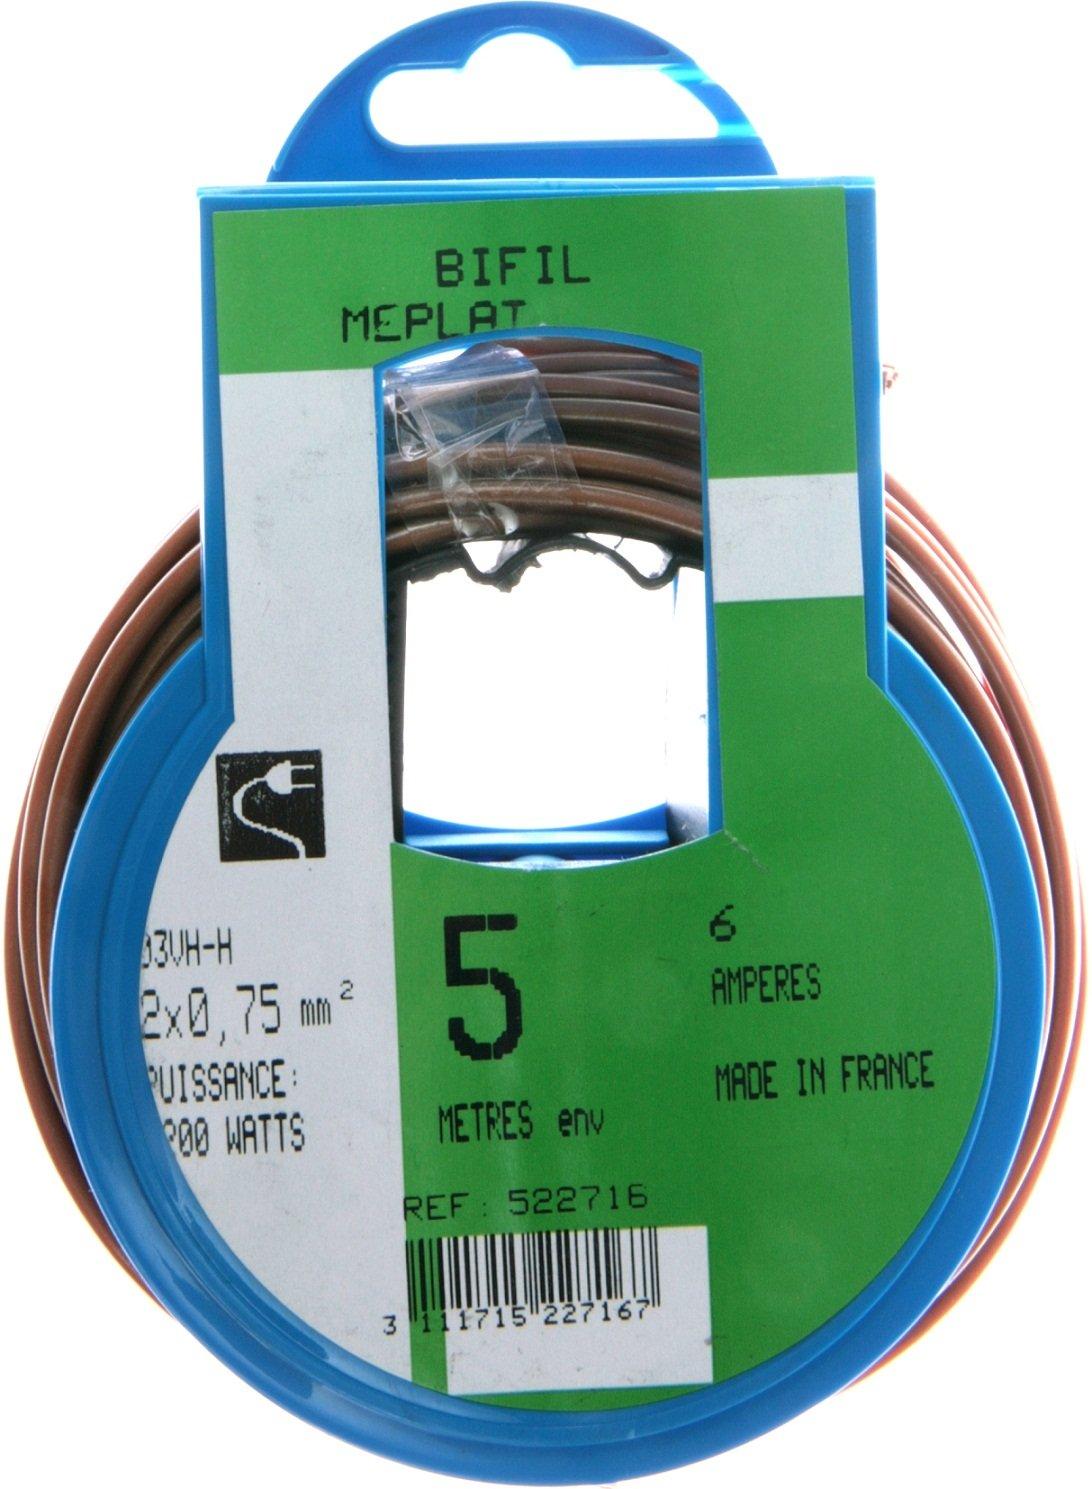 Profiplast PRP522721 Couronne de c/âble 10 m ho3vhh 2 x 0,75 mm Blanc